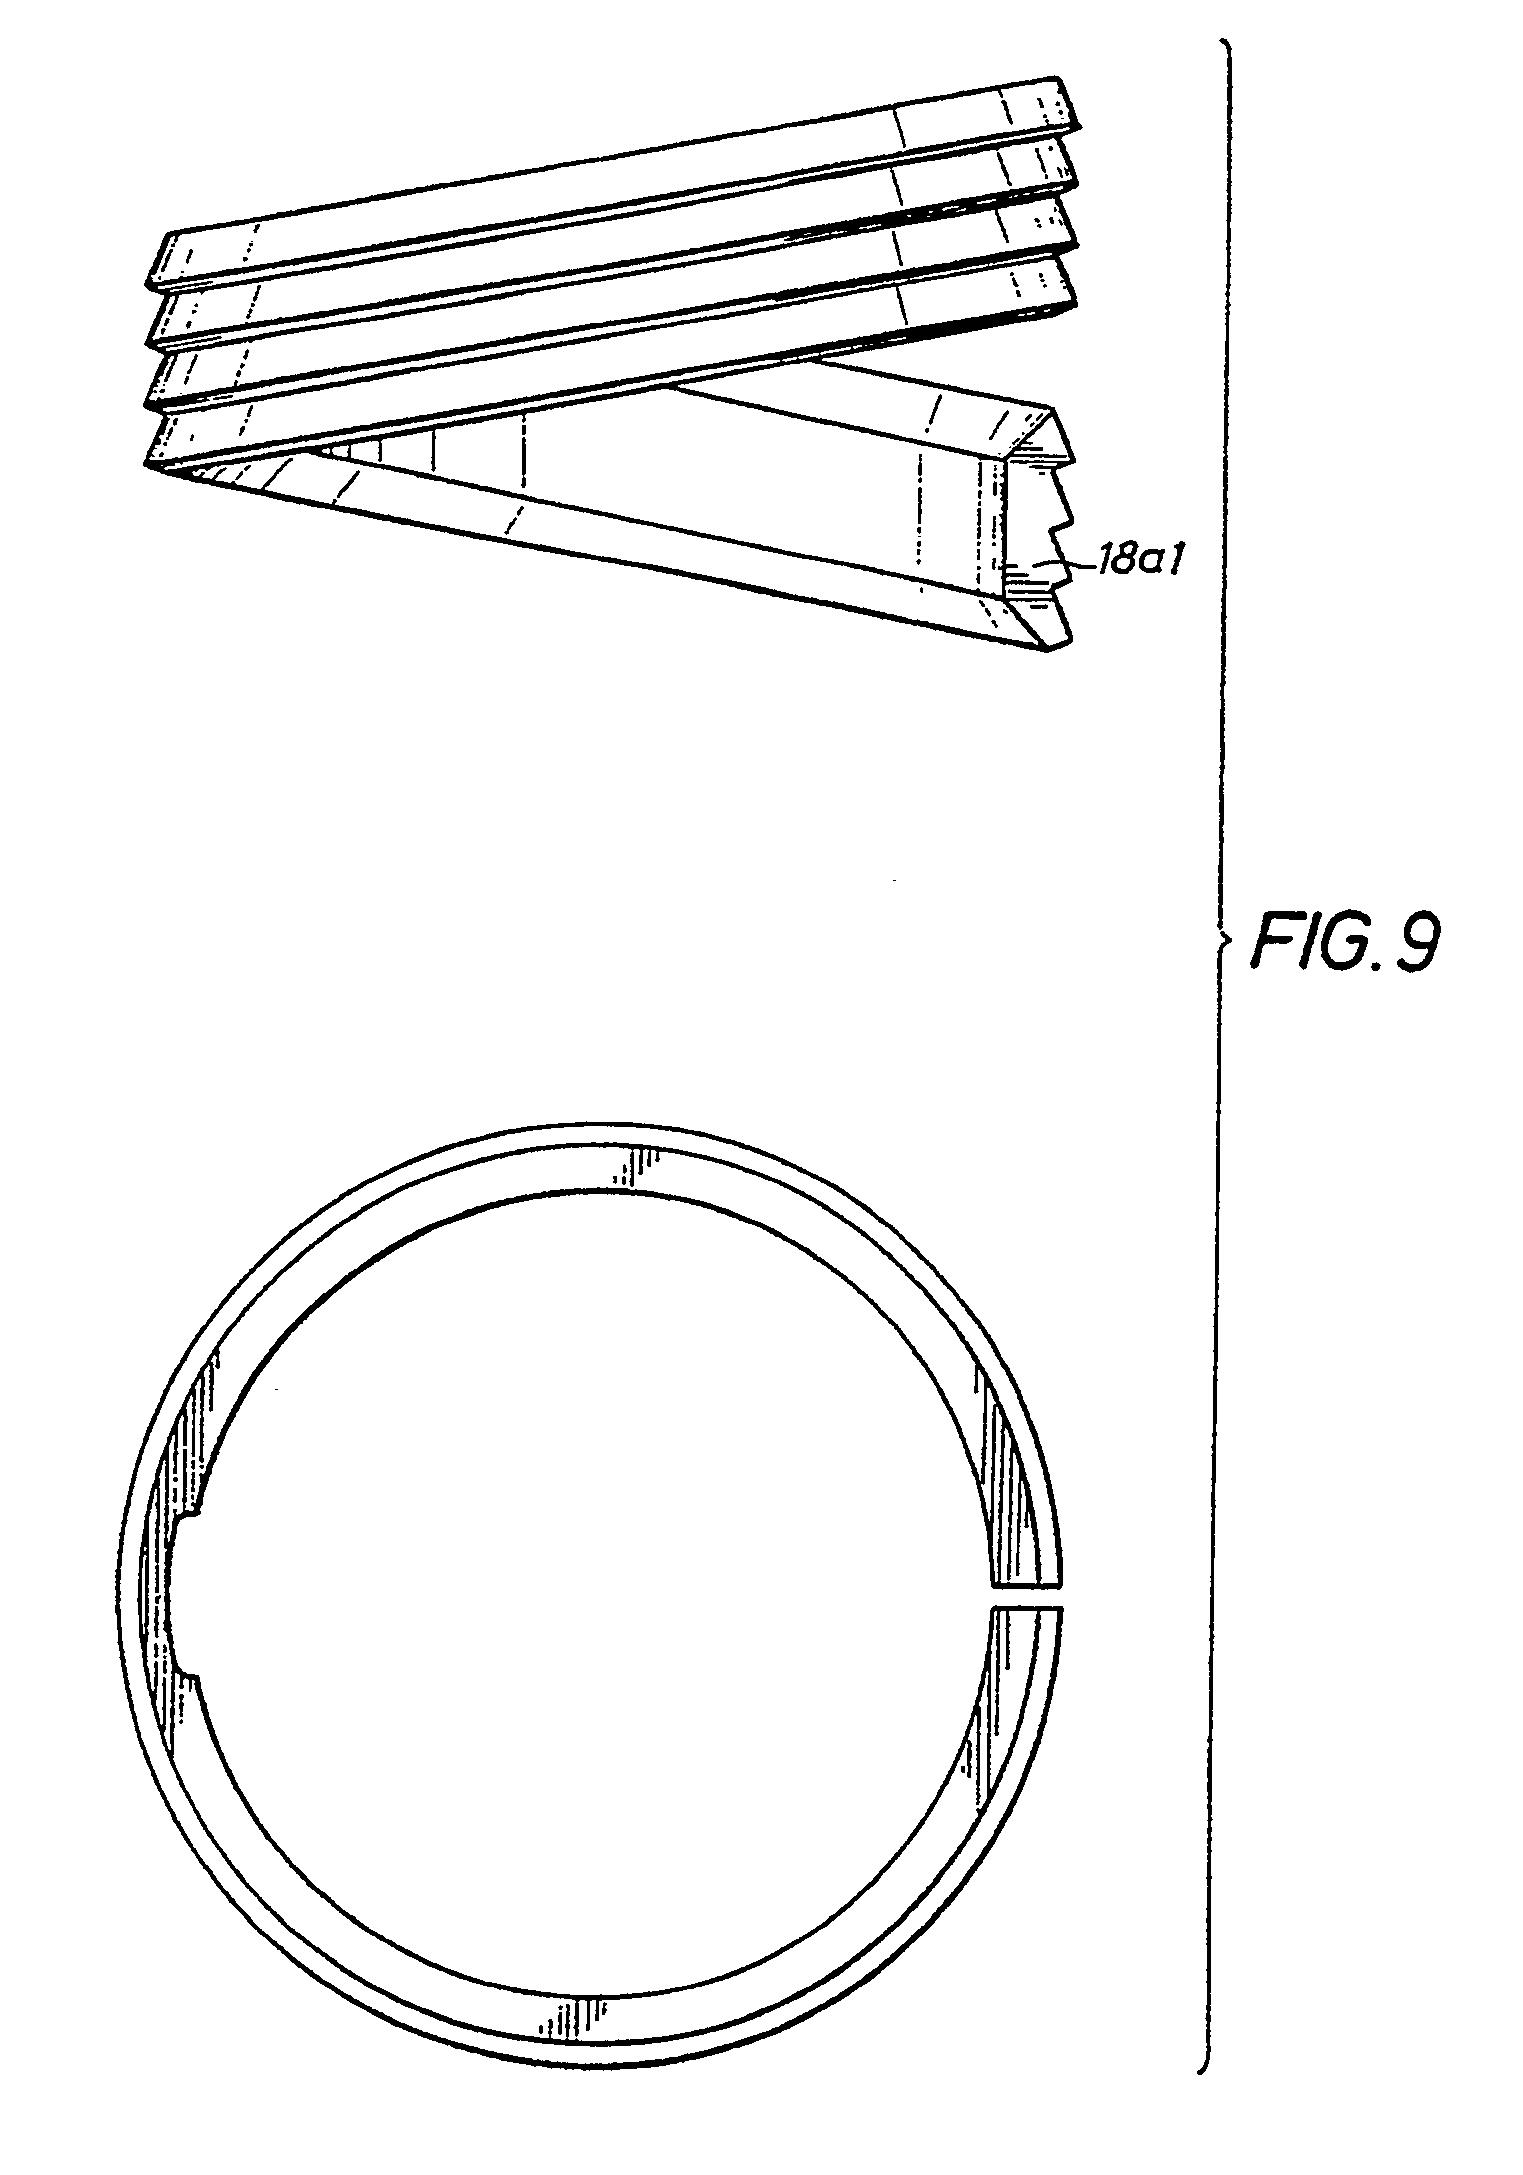 patent ep0436417a2 durchl cherungsverfahren mit einer von einem rohr und einem kabel. Black Bedroom Furniture Sets. Home Design Ideas